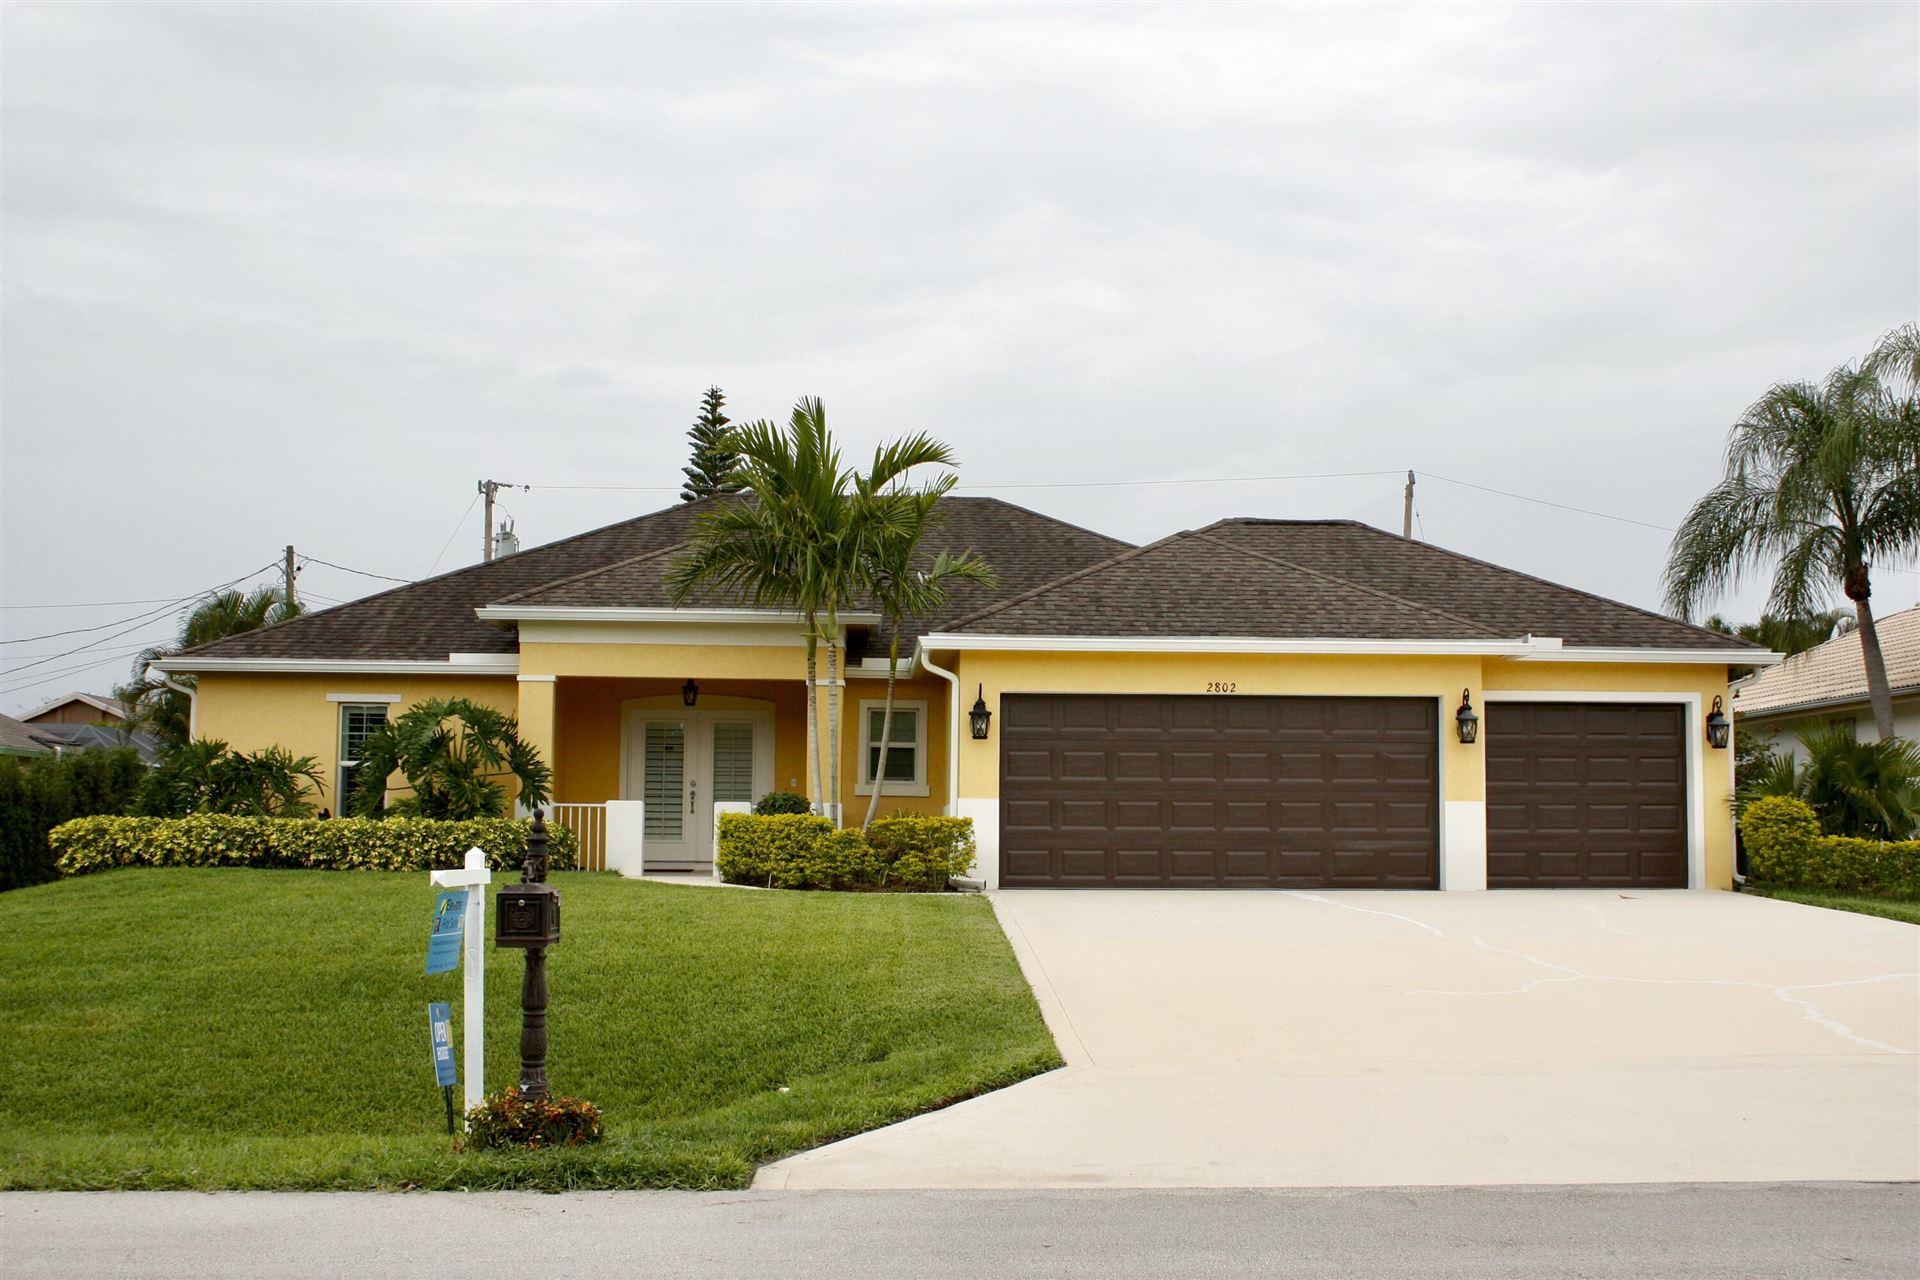 2802 SE Pace Drive, Port Saint Lucie, FL 34984 - #: RX-10724964